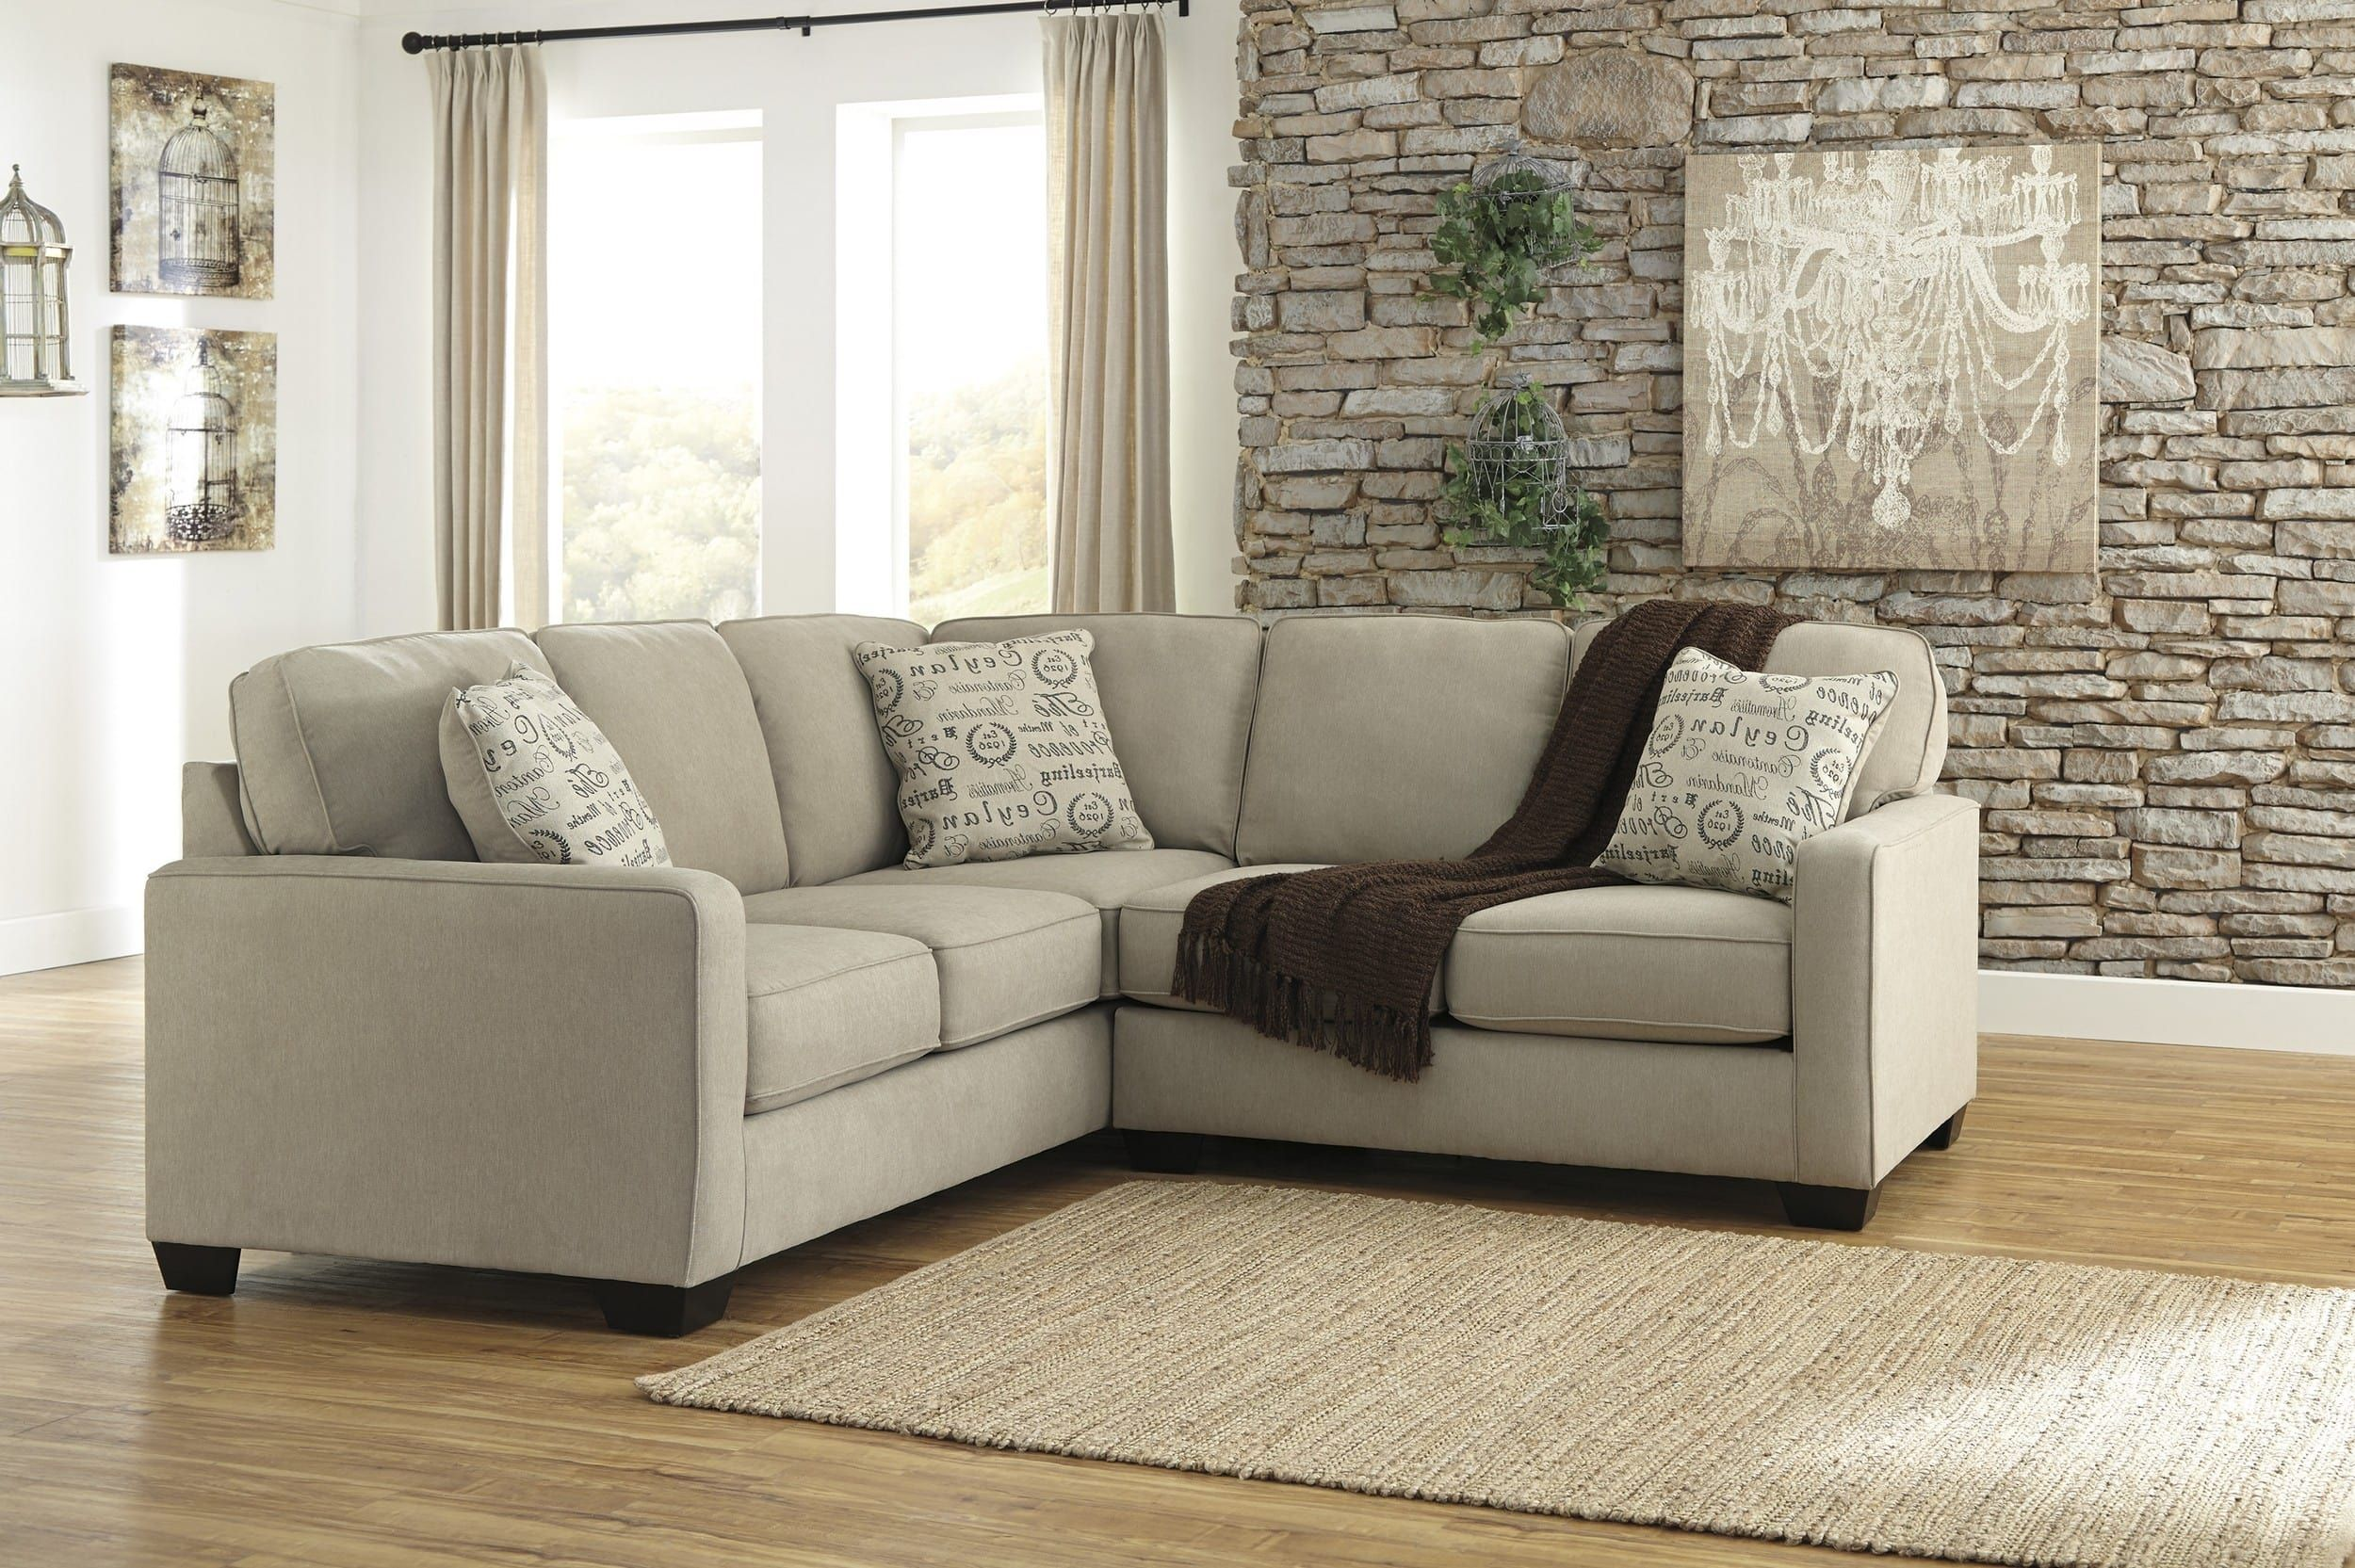 Best Alenya Quartz 2 Piece Right Facing Sectional Sofa Alenya 400 x 300